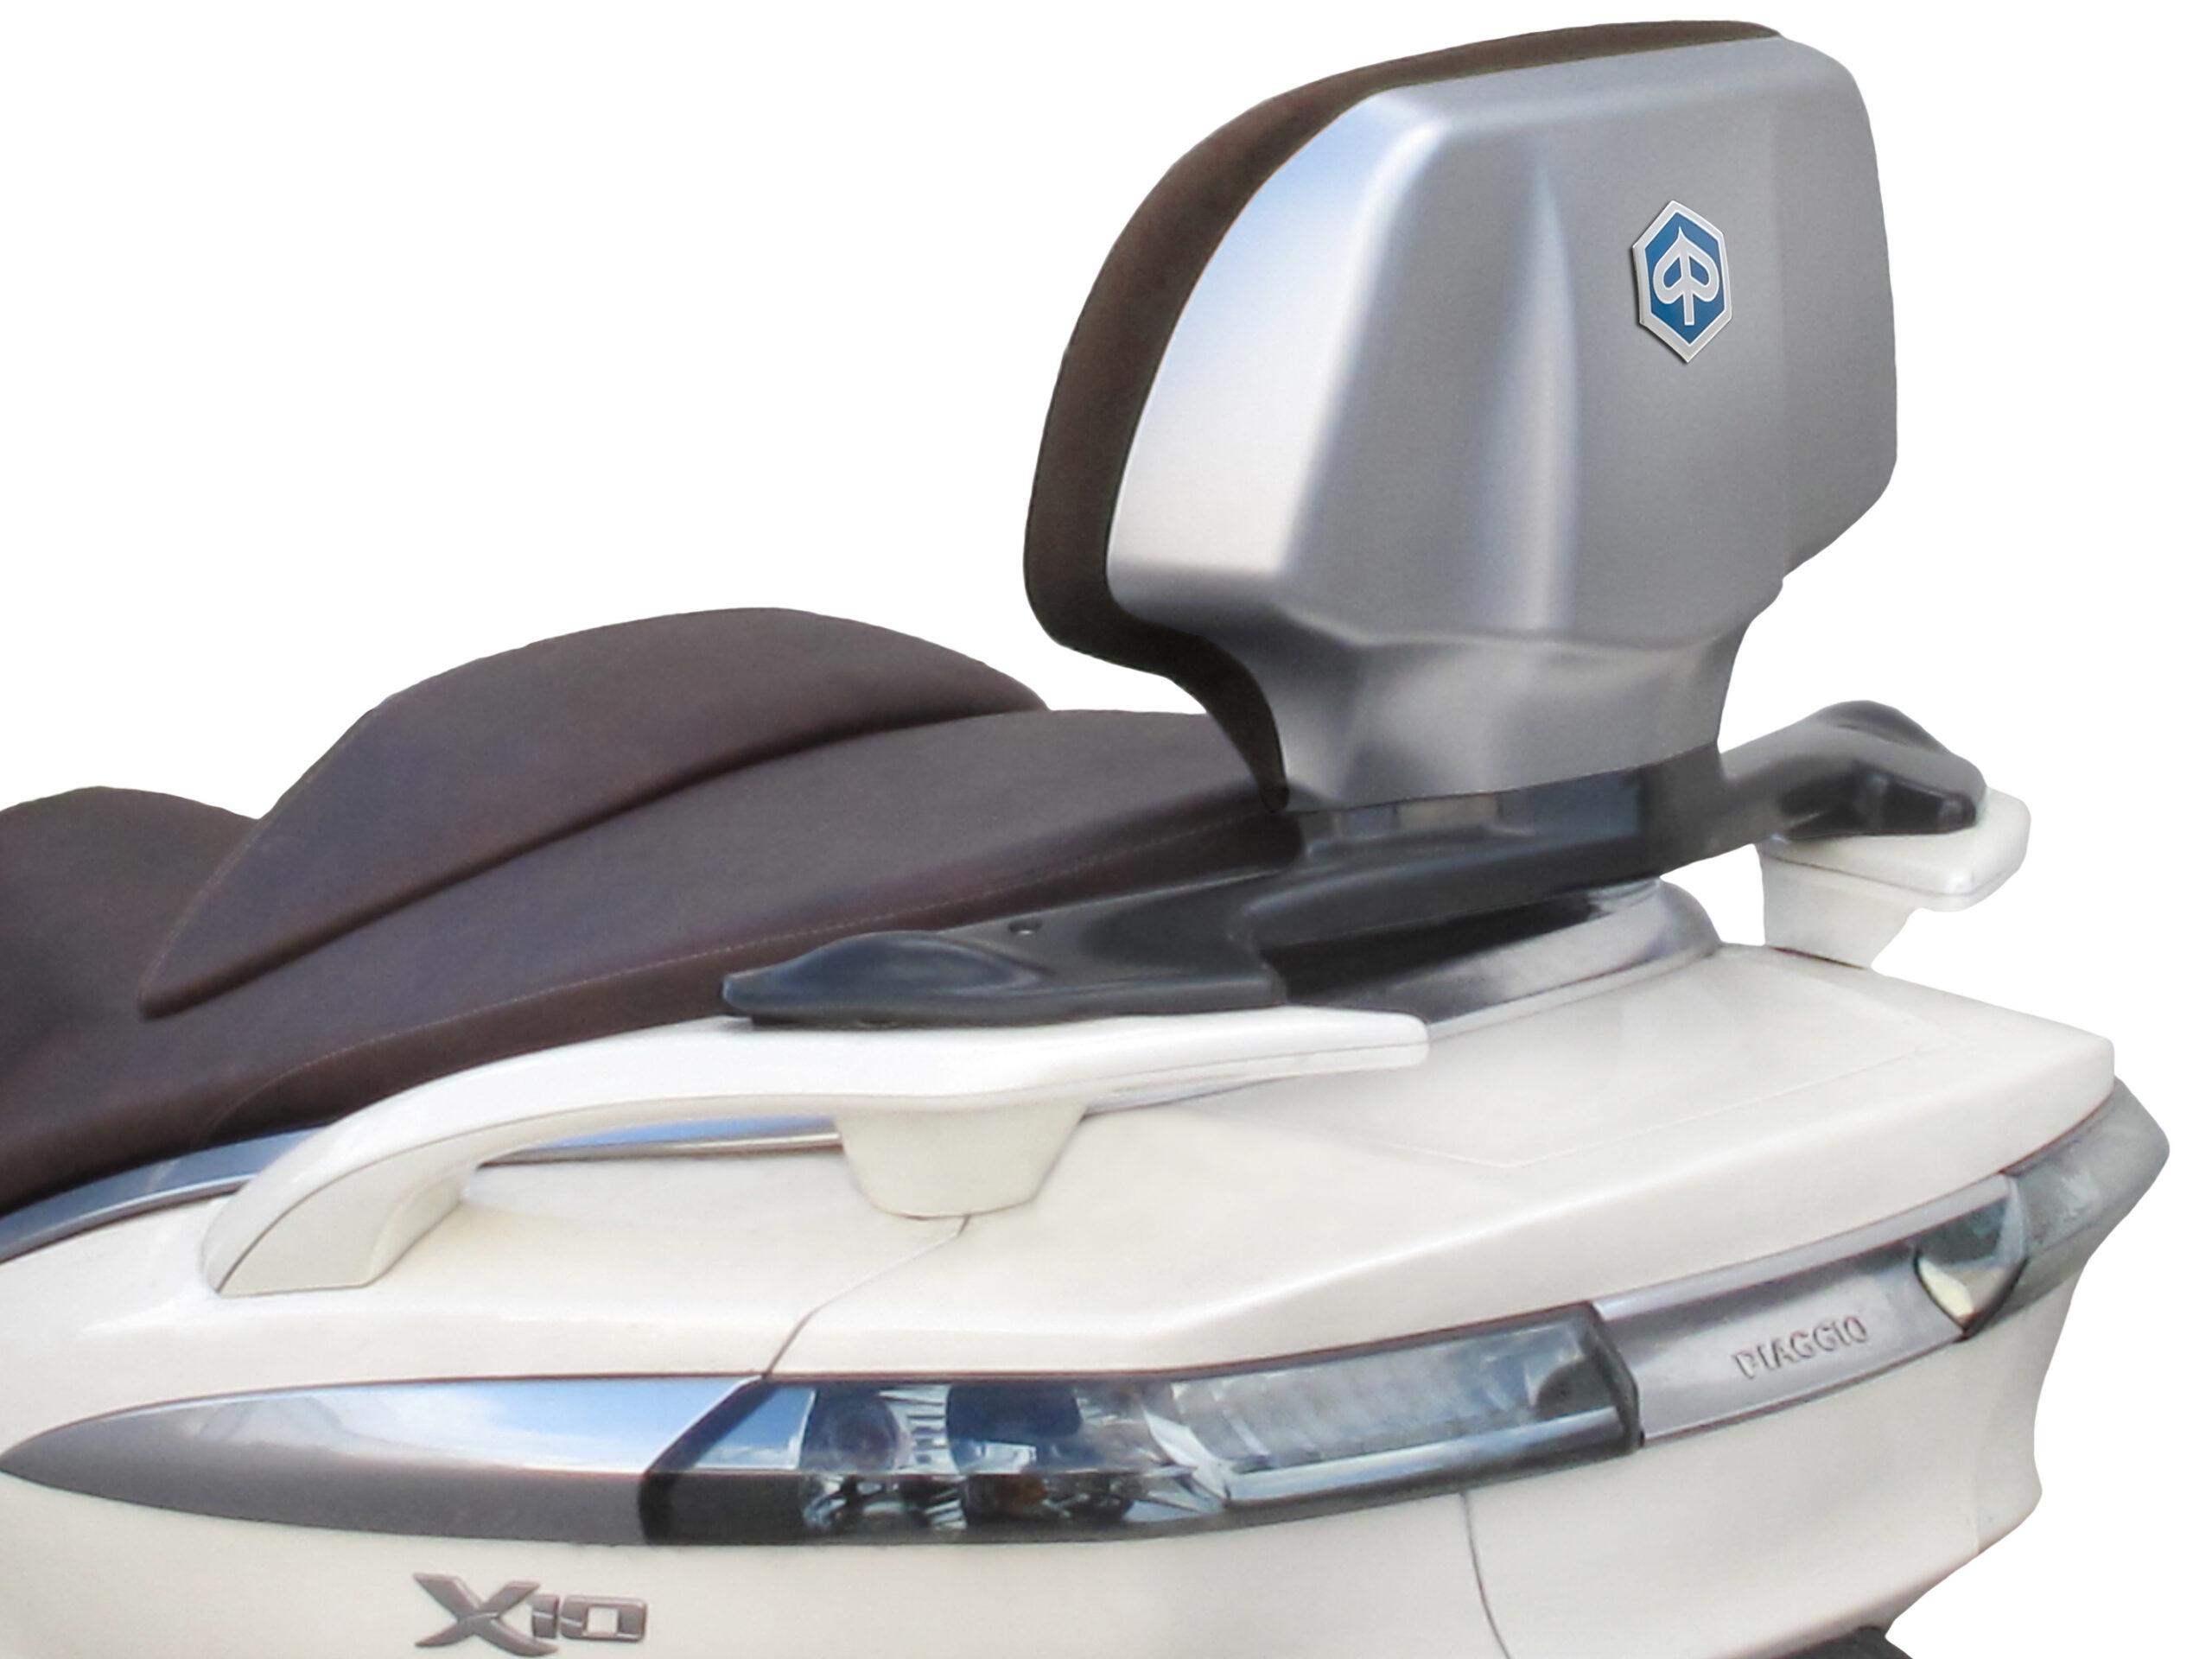 Nuevo respaldo para el Piaggio X10